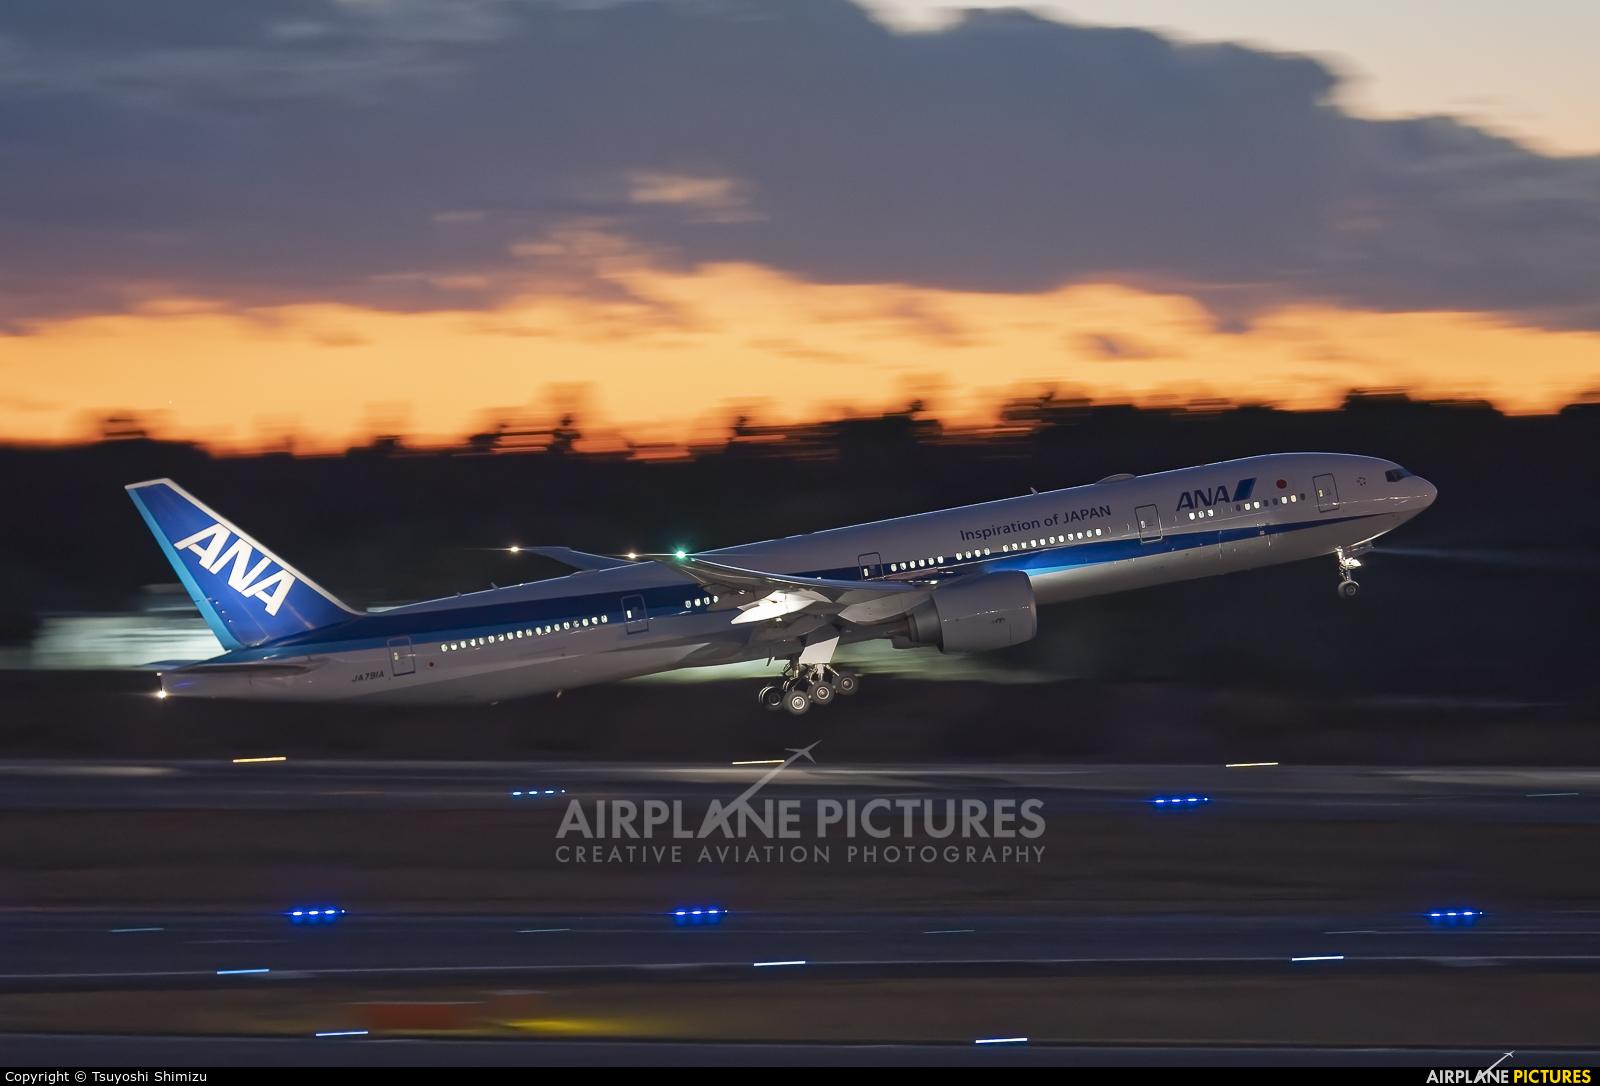 ANA - All Nippon Airways JA791A aircraft at Tokyo - Narita Intl